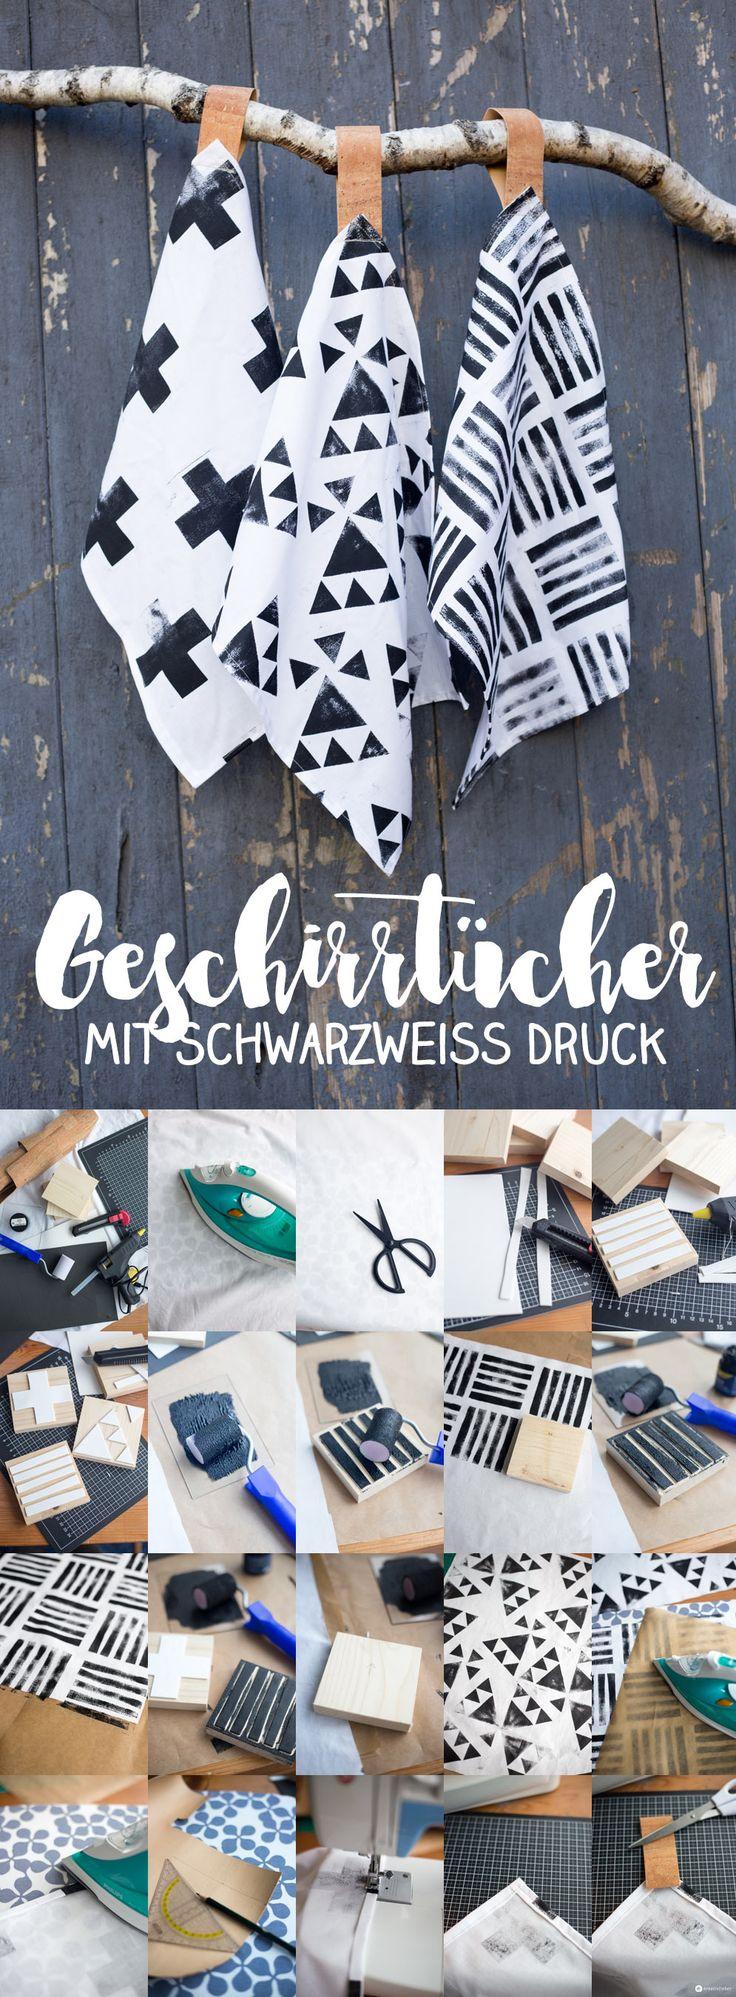 DIY Geschirrtücher mit Schwarzweiß Druck und Schlaufe aus Kork - Textilien bedrucken - Geschenkidee zur Einweihnungsparty